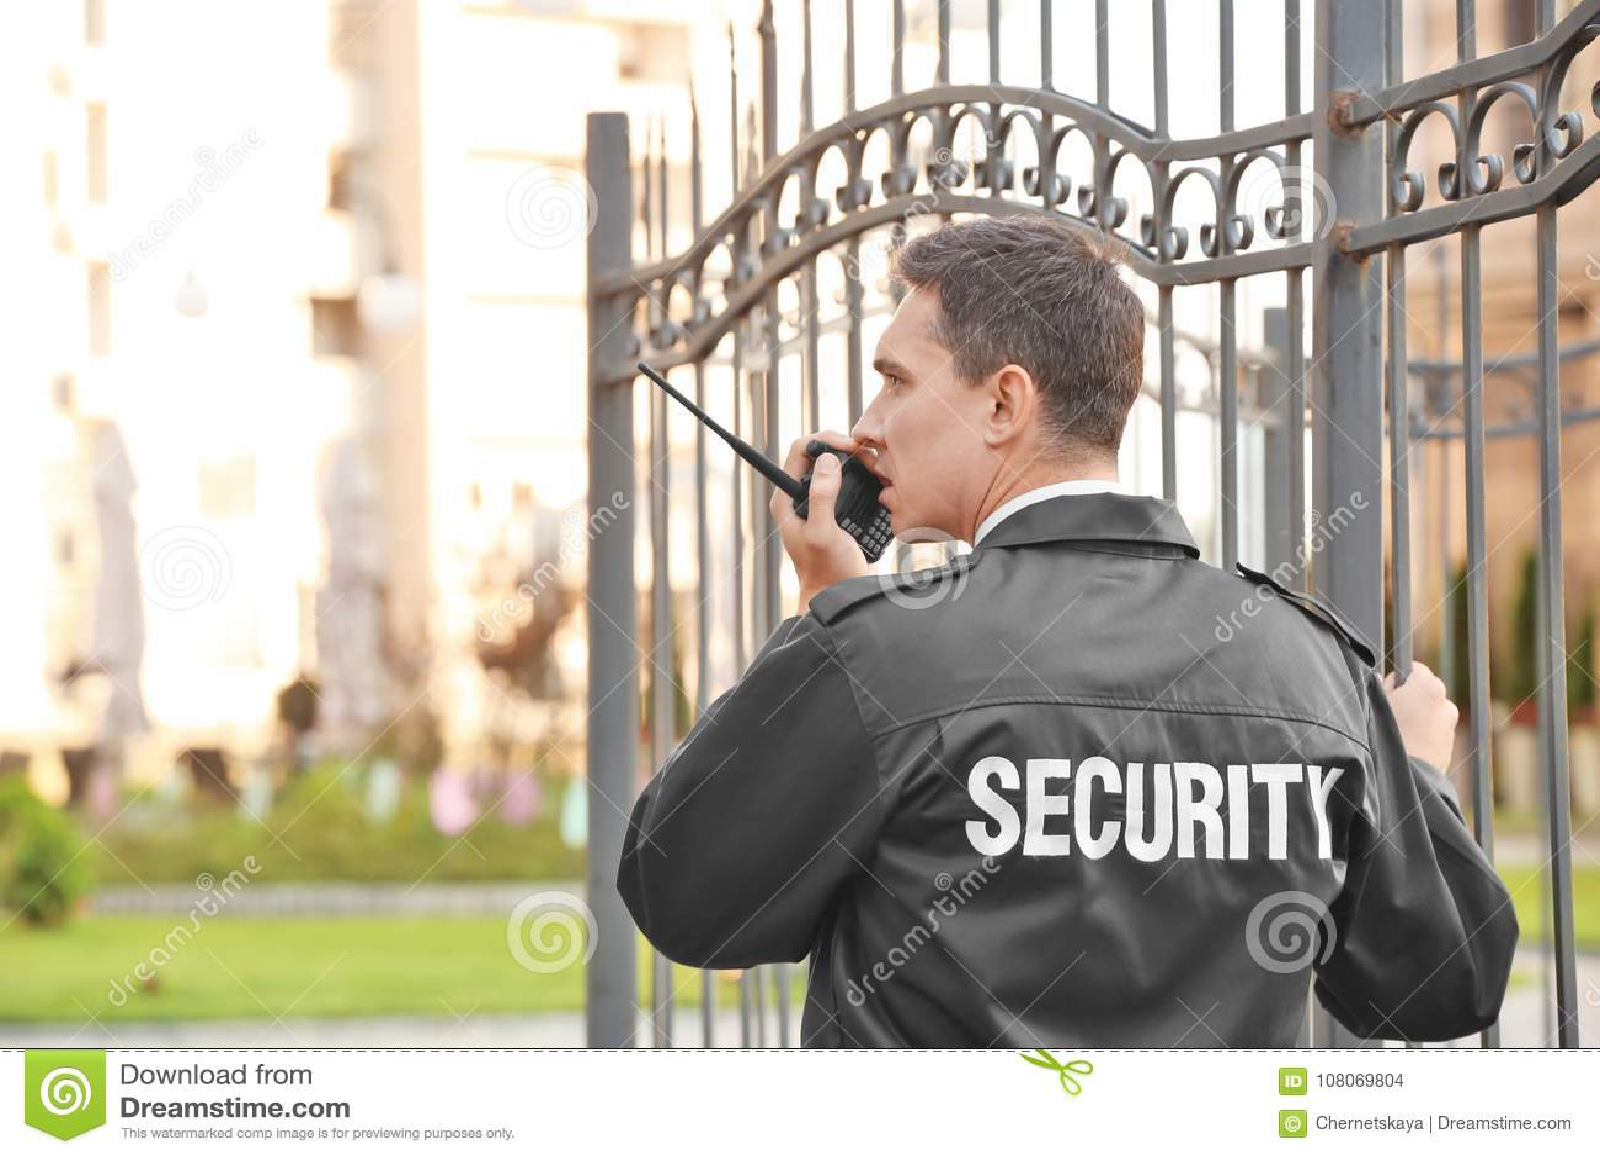 Garde de sécurité masculin avec la radio portative,